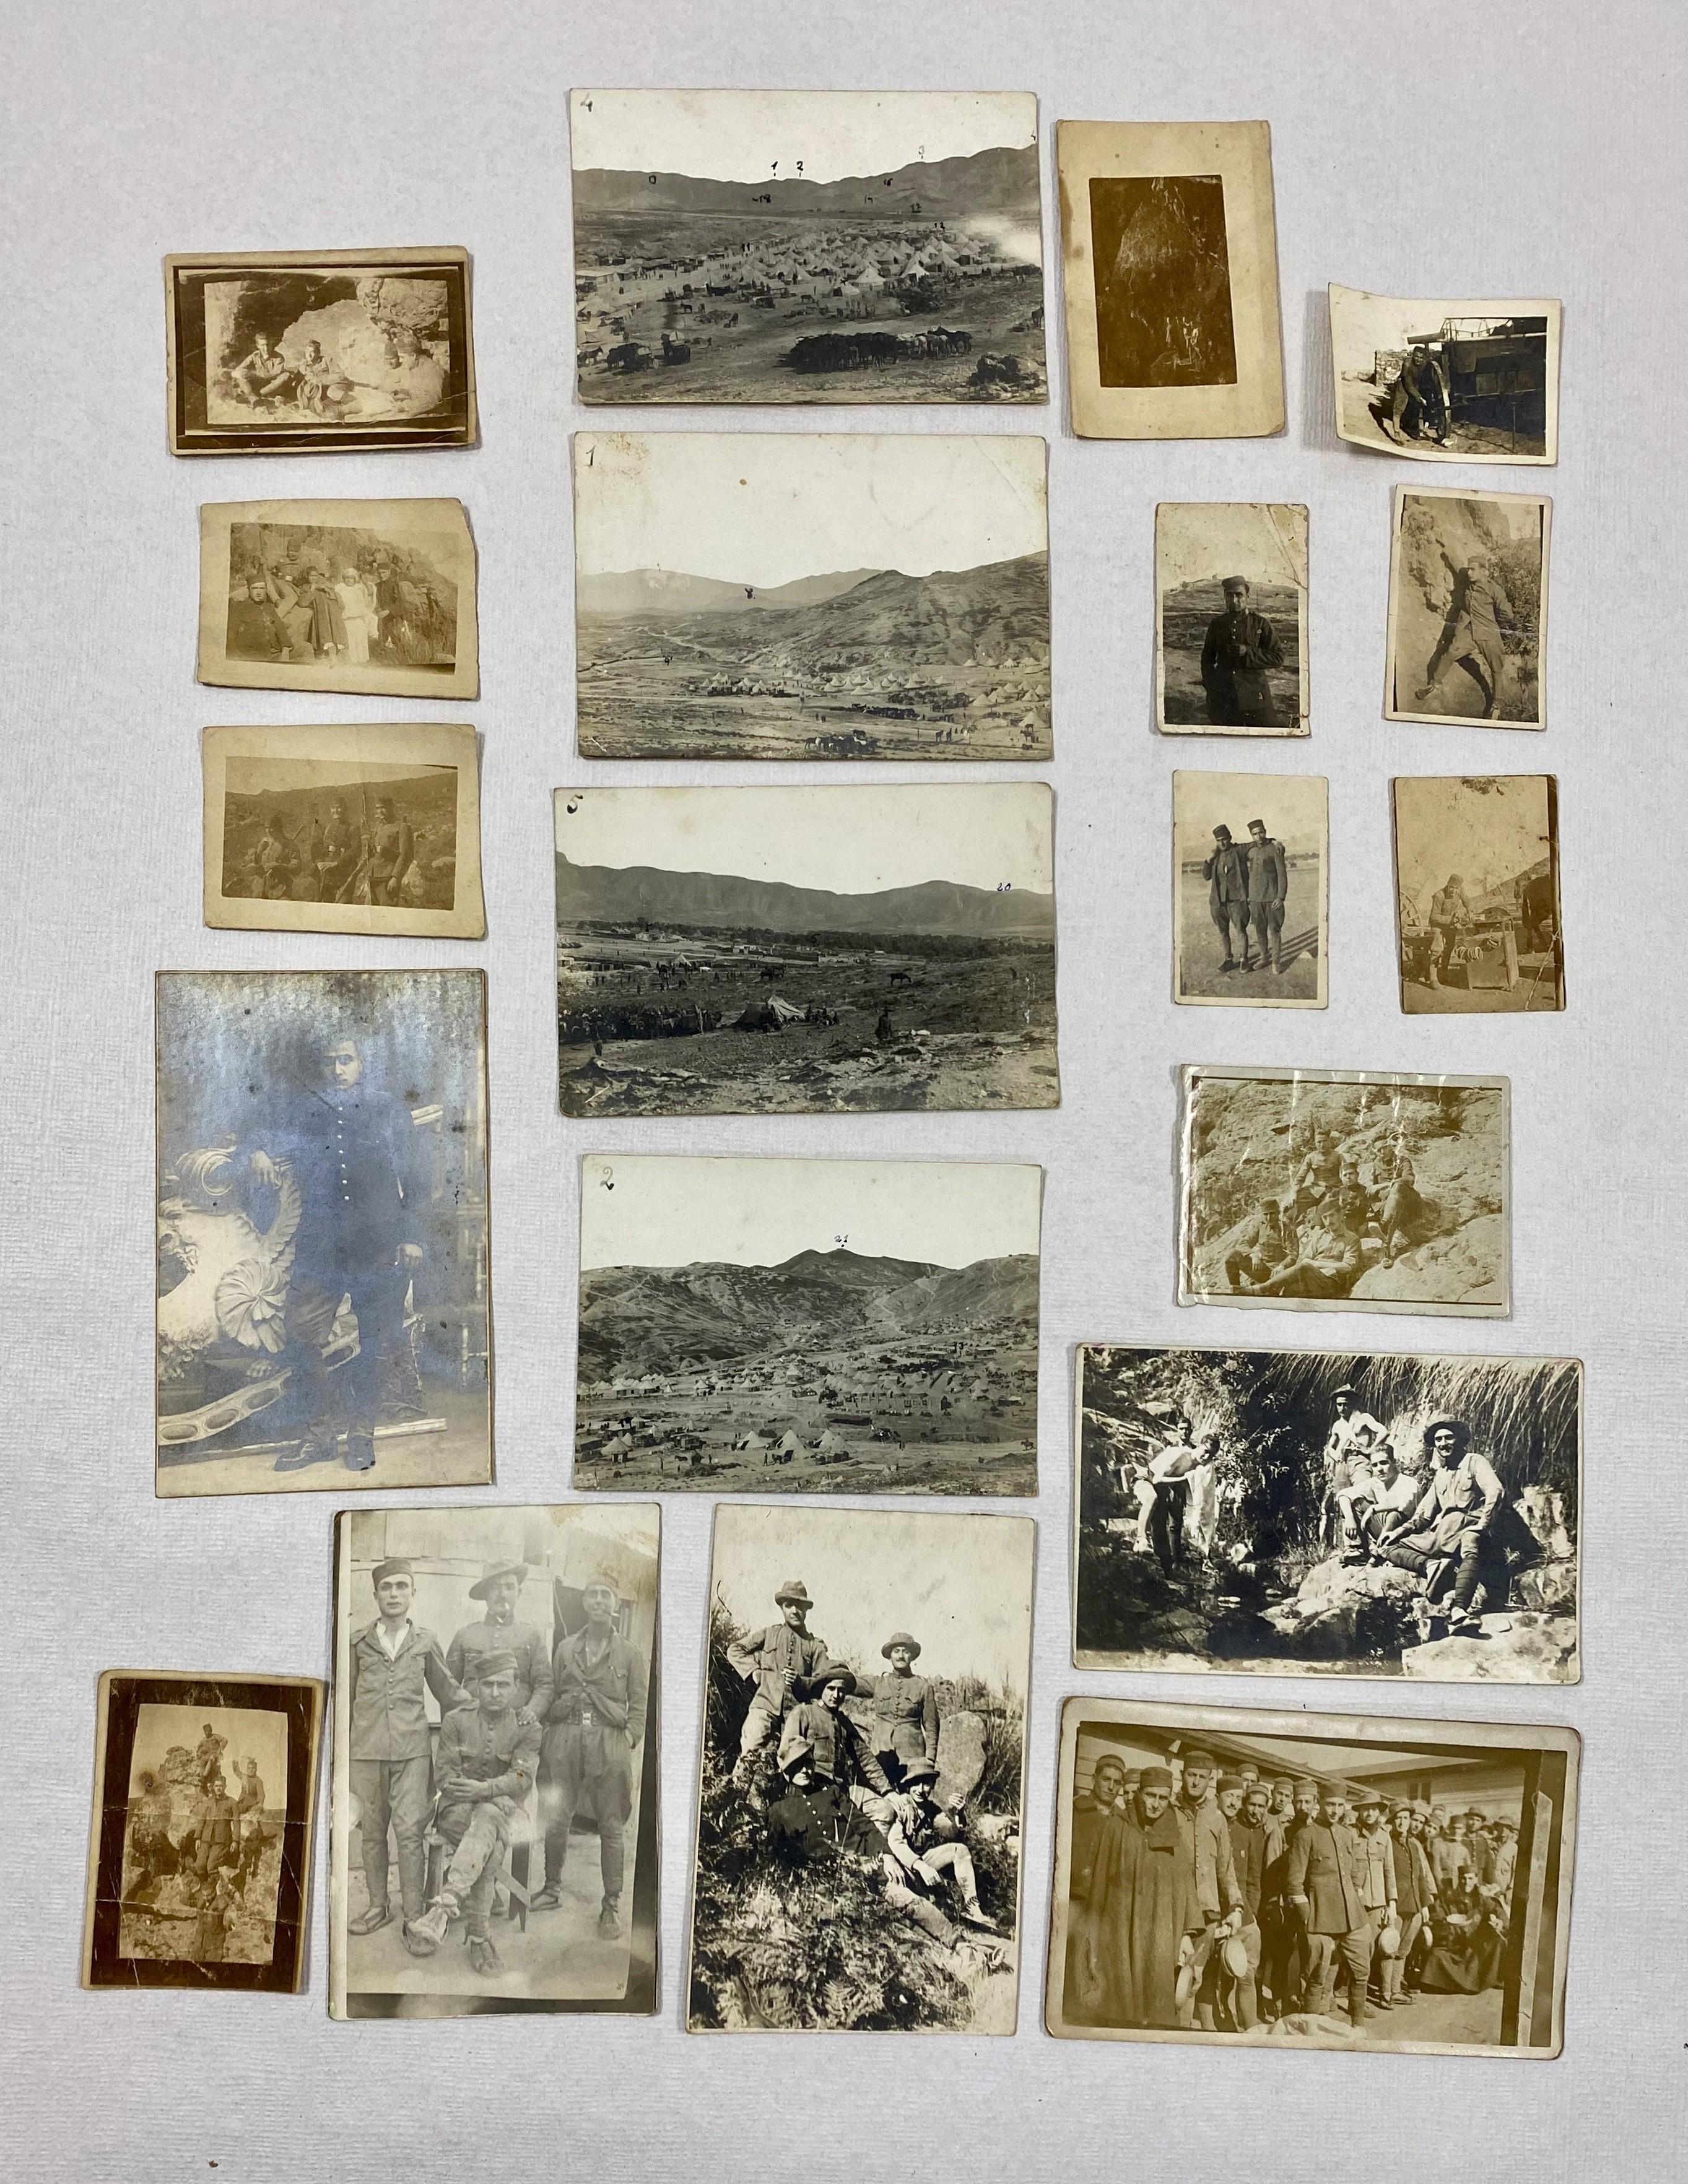 LOTE FOTOGRAFIAS GUERRA DEL RIF 1923/1924